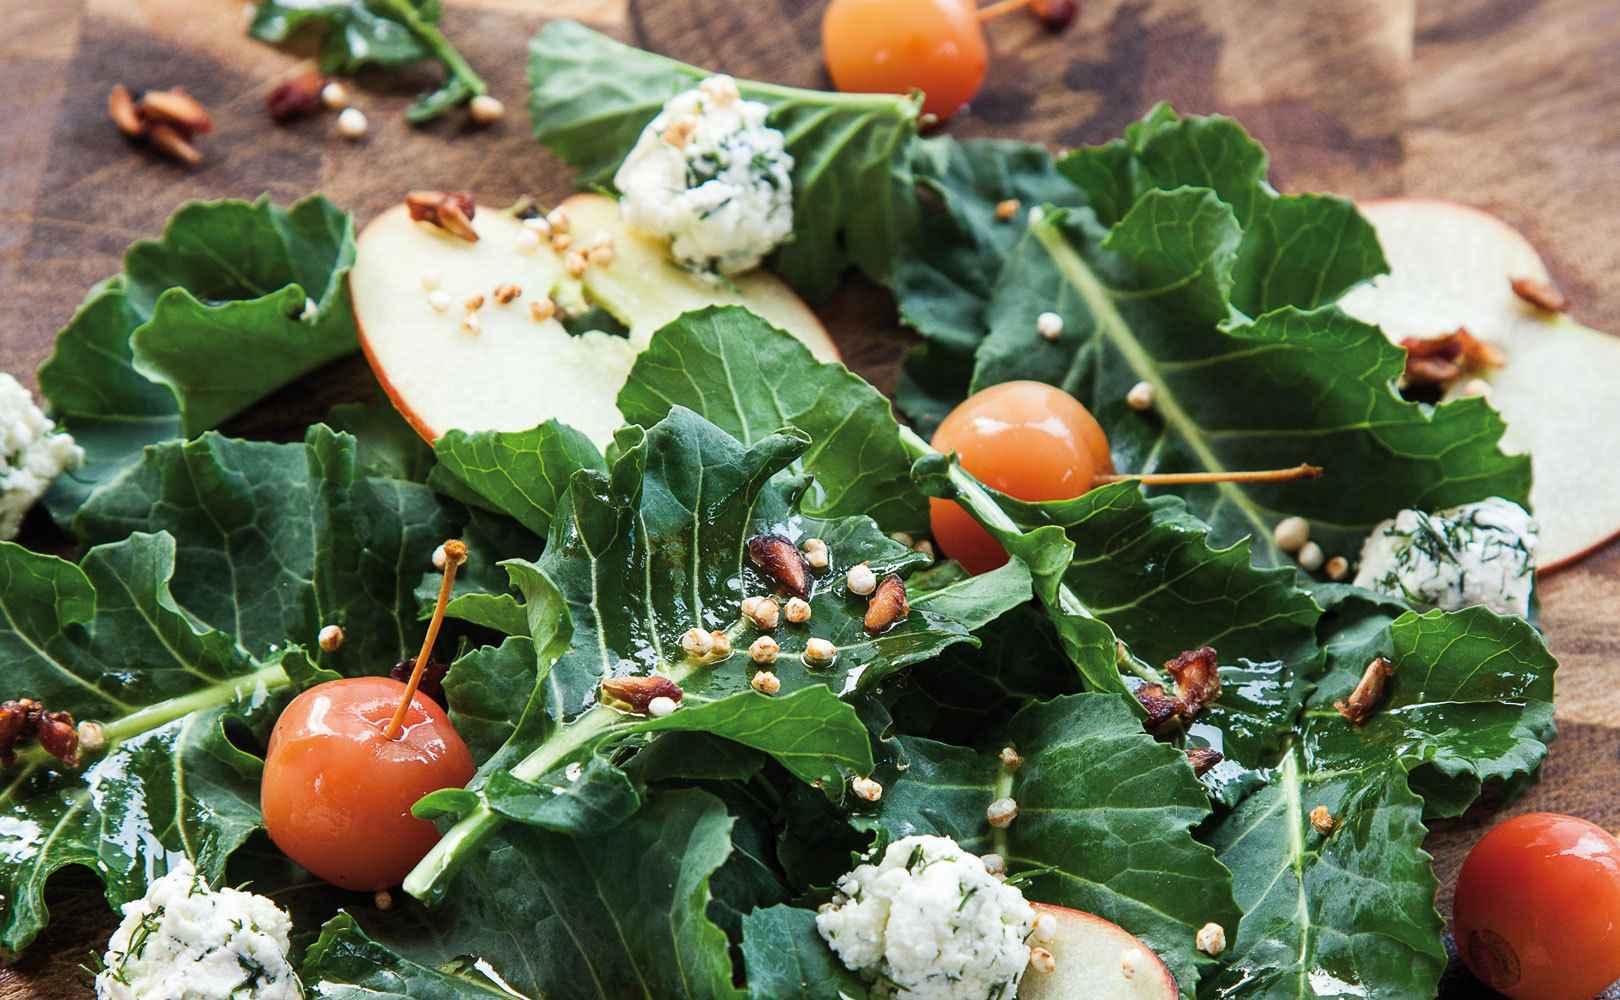 Brokkoliblätter-Salat mit fermentierten Red Sentinel und hausgemachtem Ziegen-ricotta